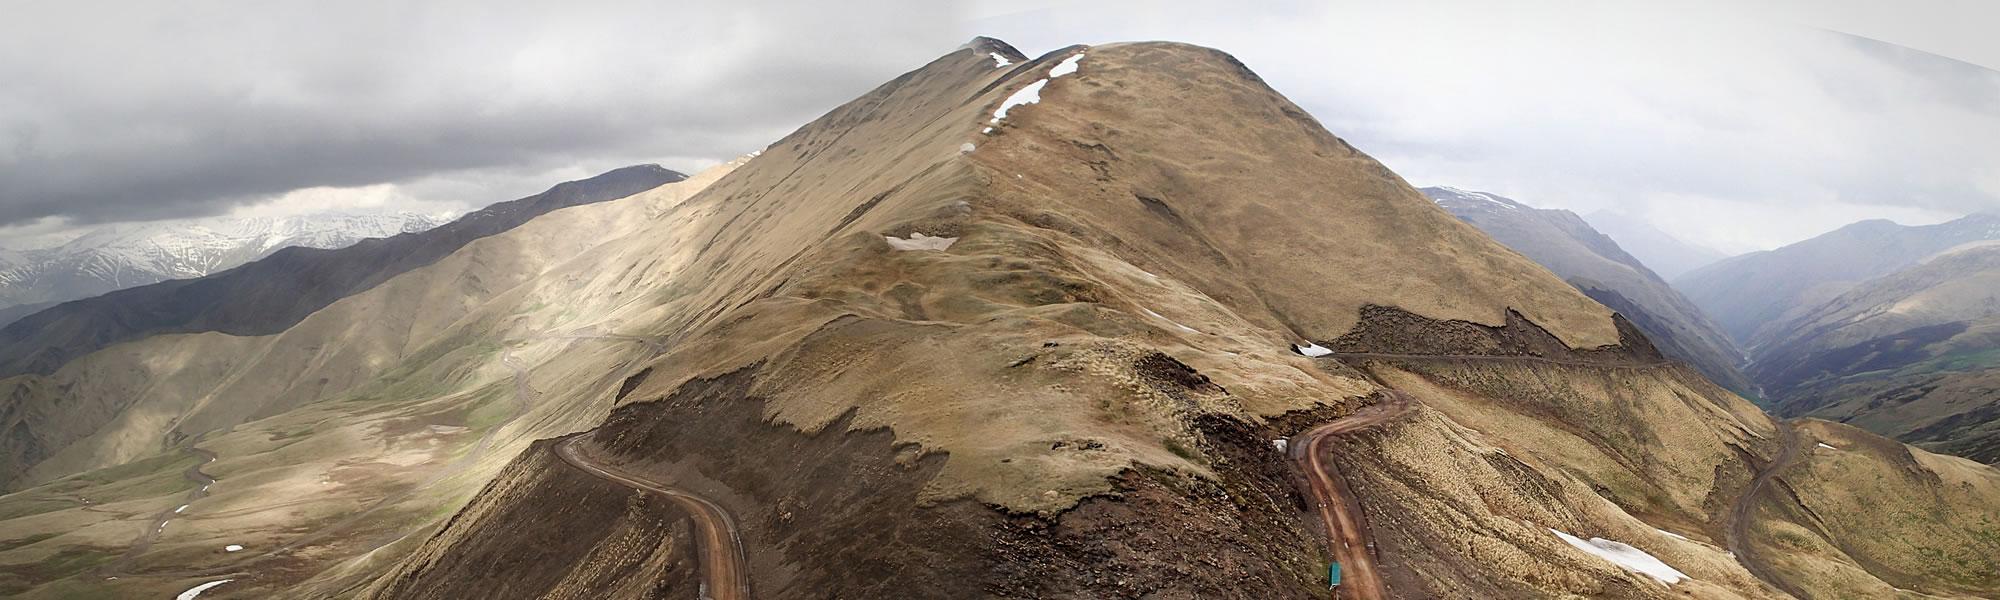 gruzie-panorama-031